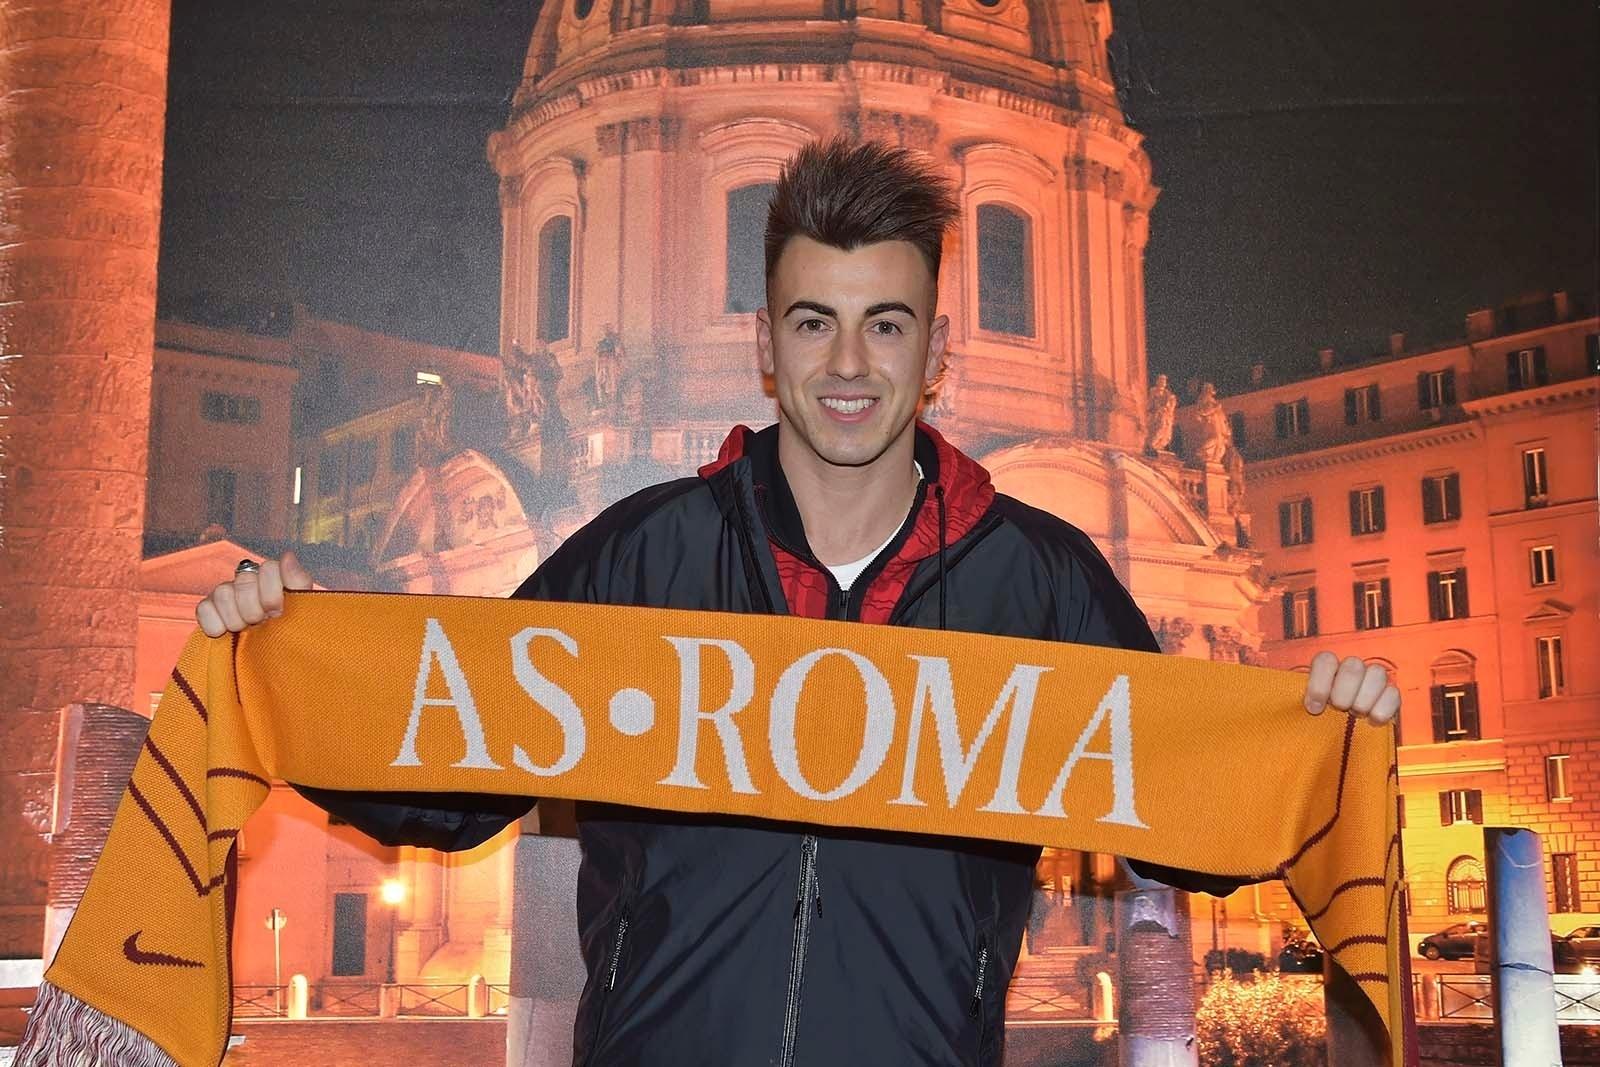 El Shaarawy posa com o cachecol da Roma antes de acertar com o clube